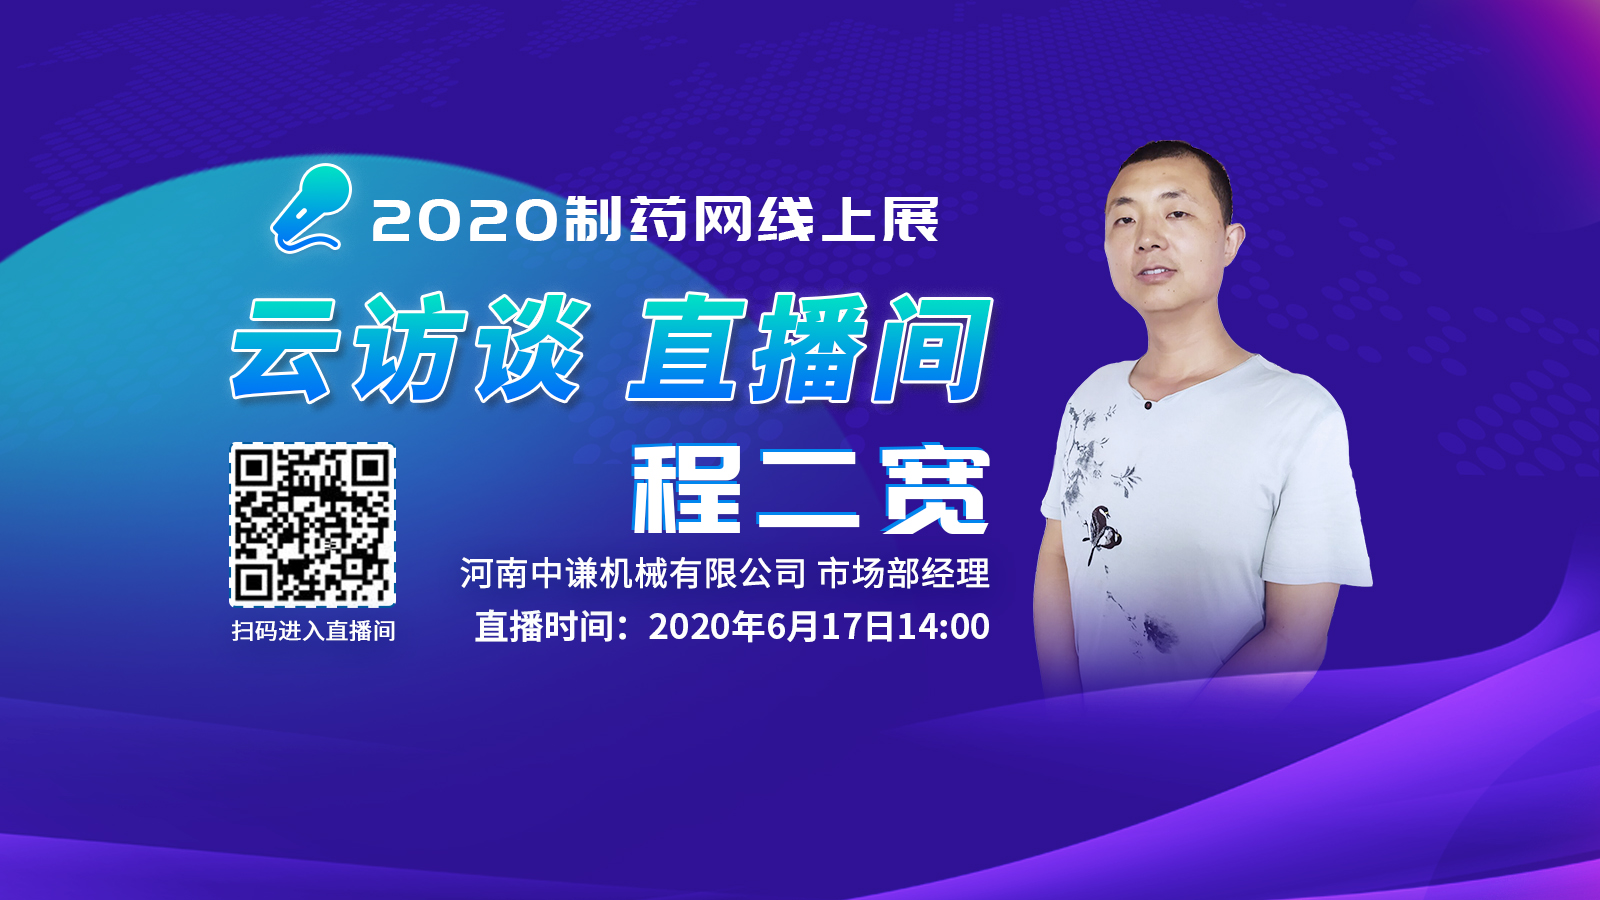 河南中谦机械有限公司市场部经理做客北京赛车pk10开奖线上展云访谈